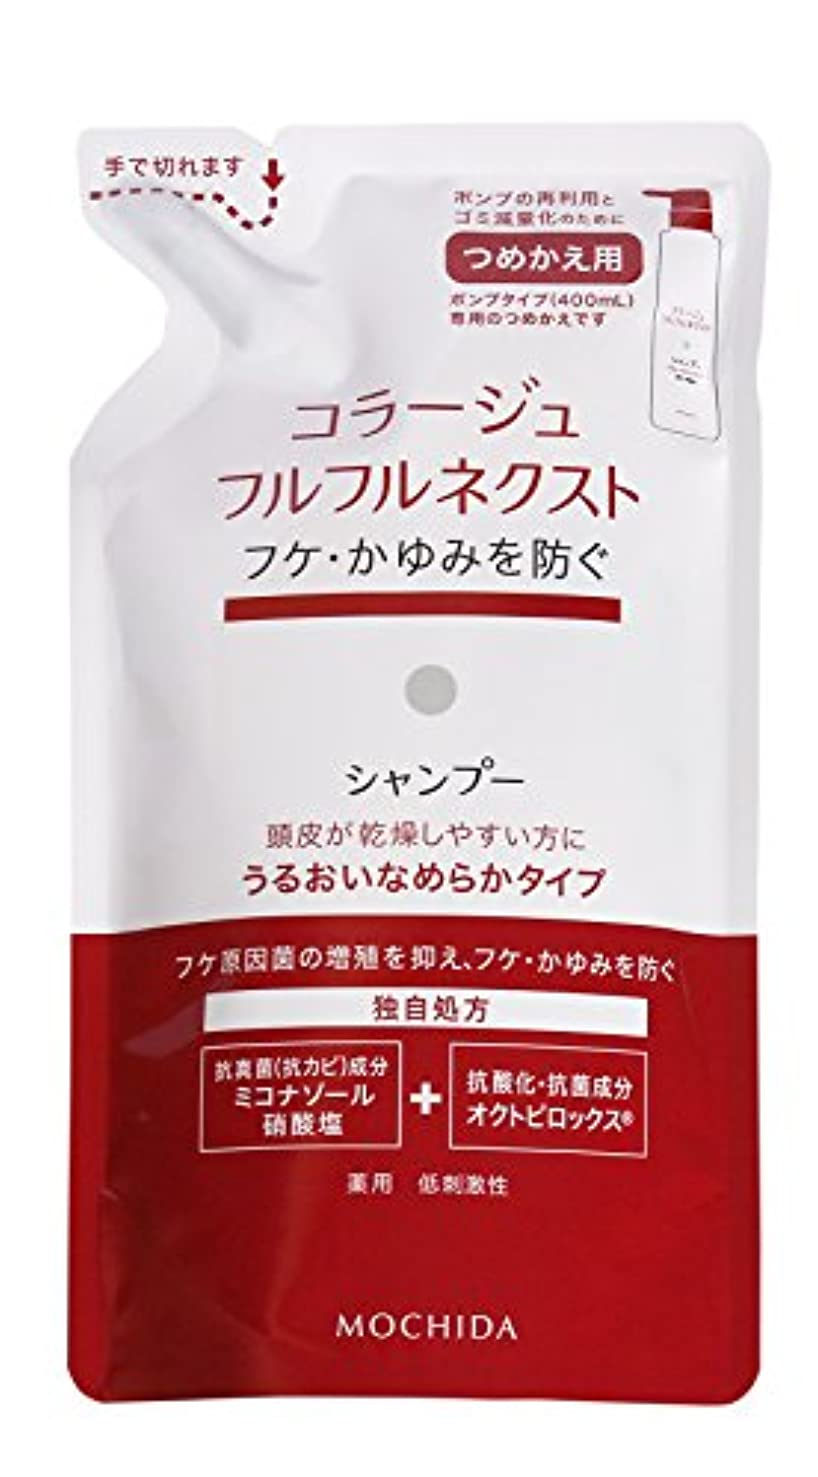 精査するスマッシュペインギリックコラージュフルフル ネクストシャンプー うるおいなめらかタイプ (つめかえ用) 280mL (医薬部外品)